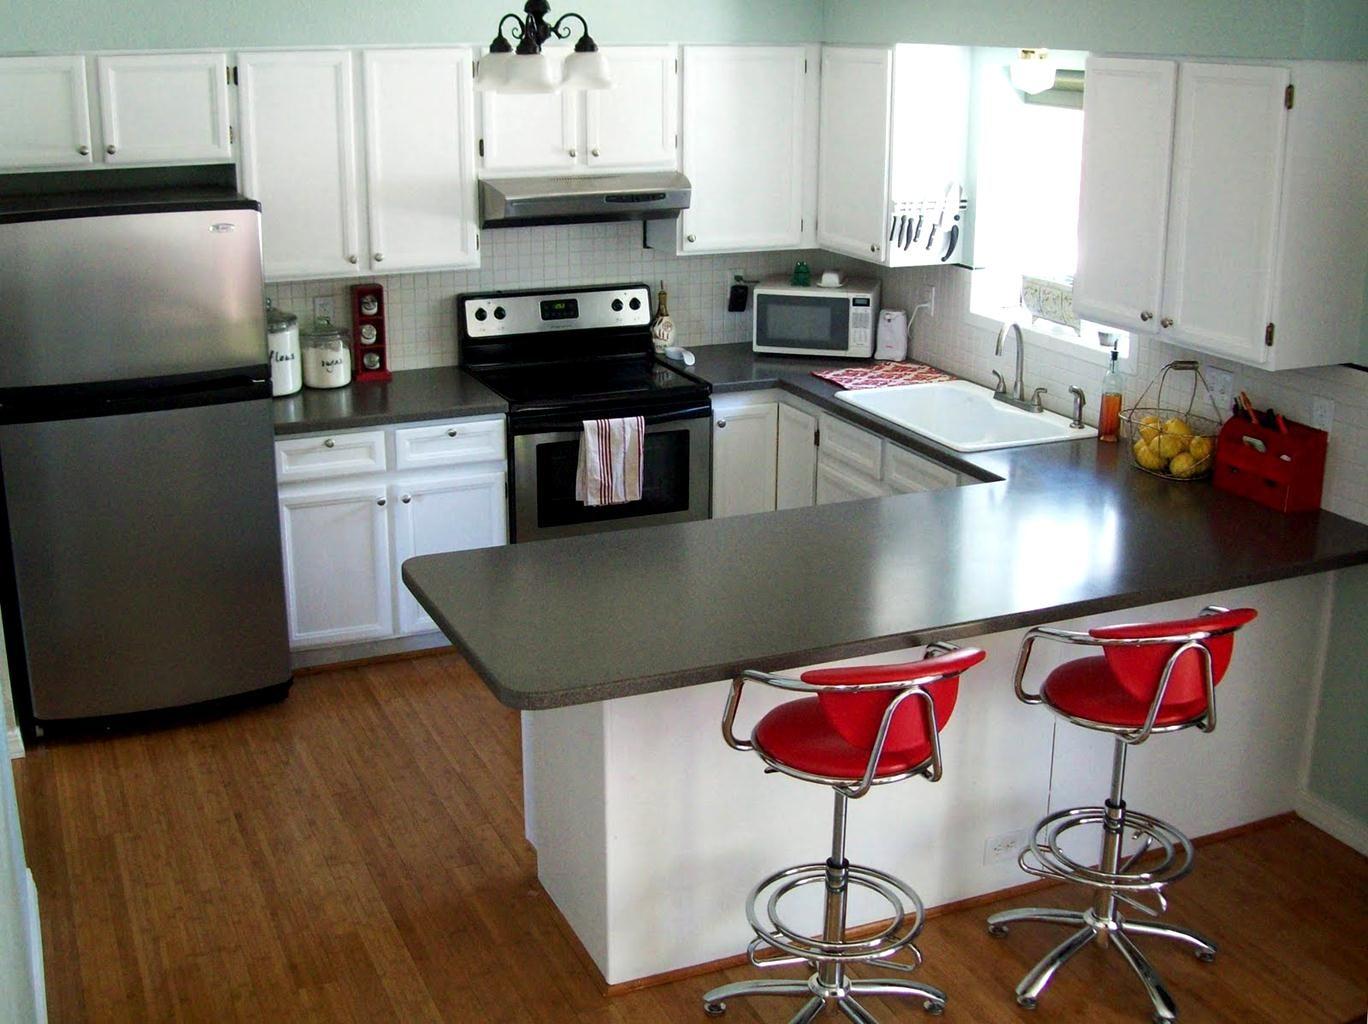 Clean the room table kitchen - abc kitchen, kitchen cabinets, kitchen flooring, kitchen remodel, the kitchen, true food kitchen